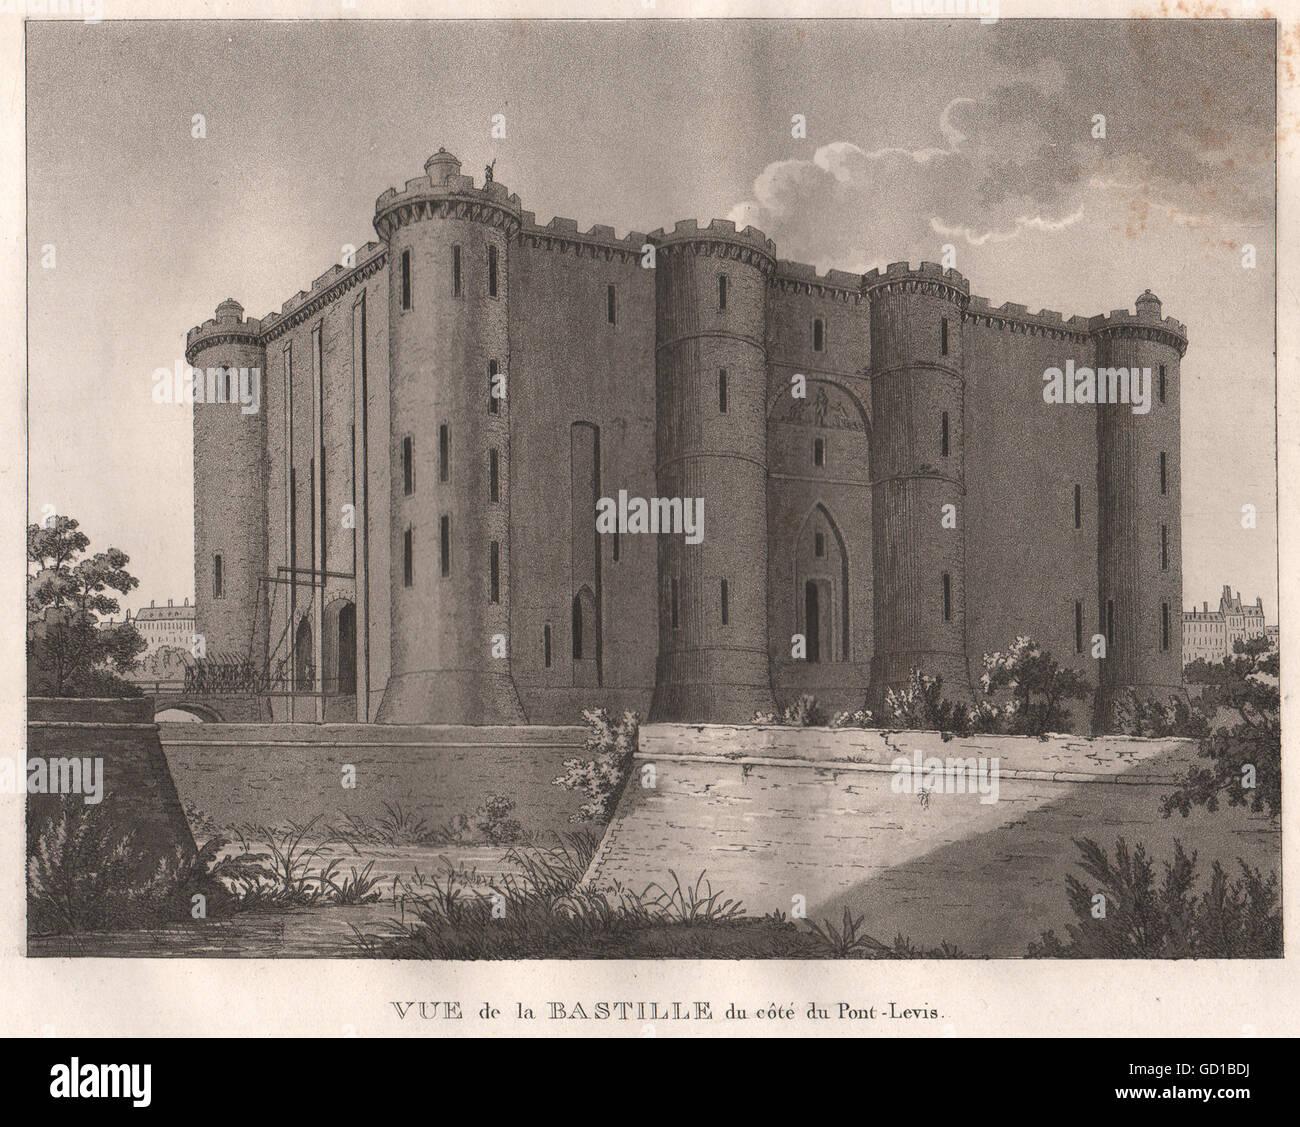 PARIS: Bastille du Côté du Pont-Levis. Aquatint, antique print 1808 - Stock Image